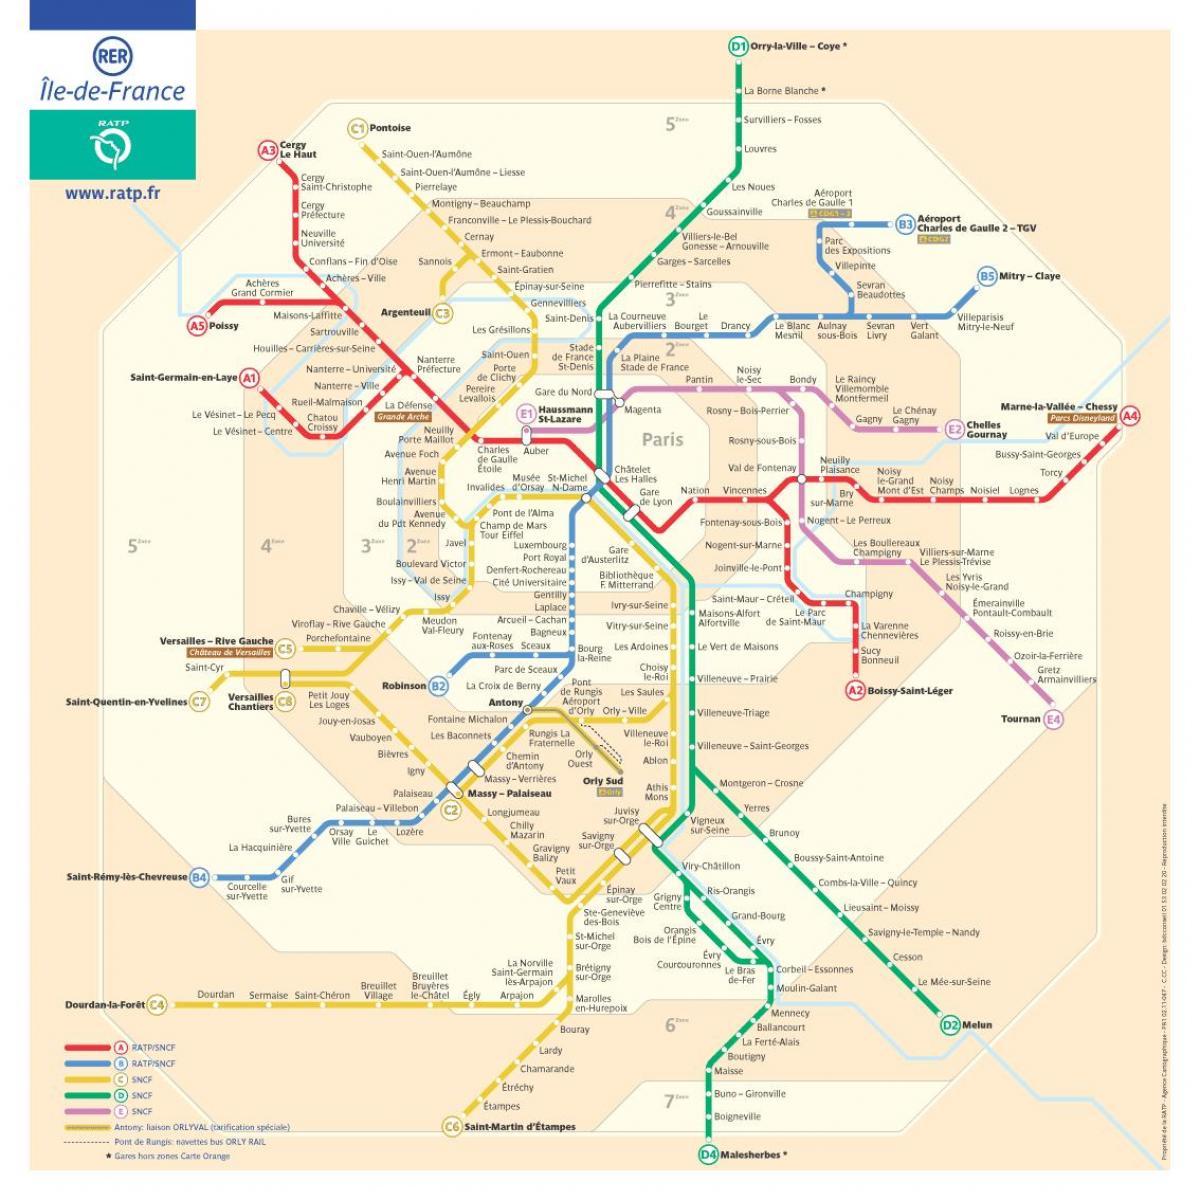 Cartina Di Parigi E Dintorni.Parigi Viaggio Di Zone Di Mappa Cartina Di Parigi Zone Di Viaggio Ile De France Francia